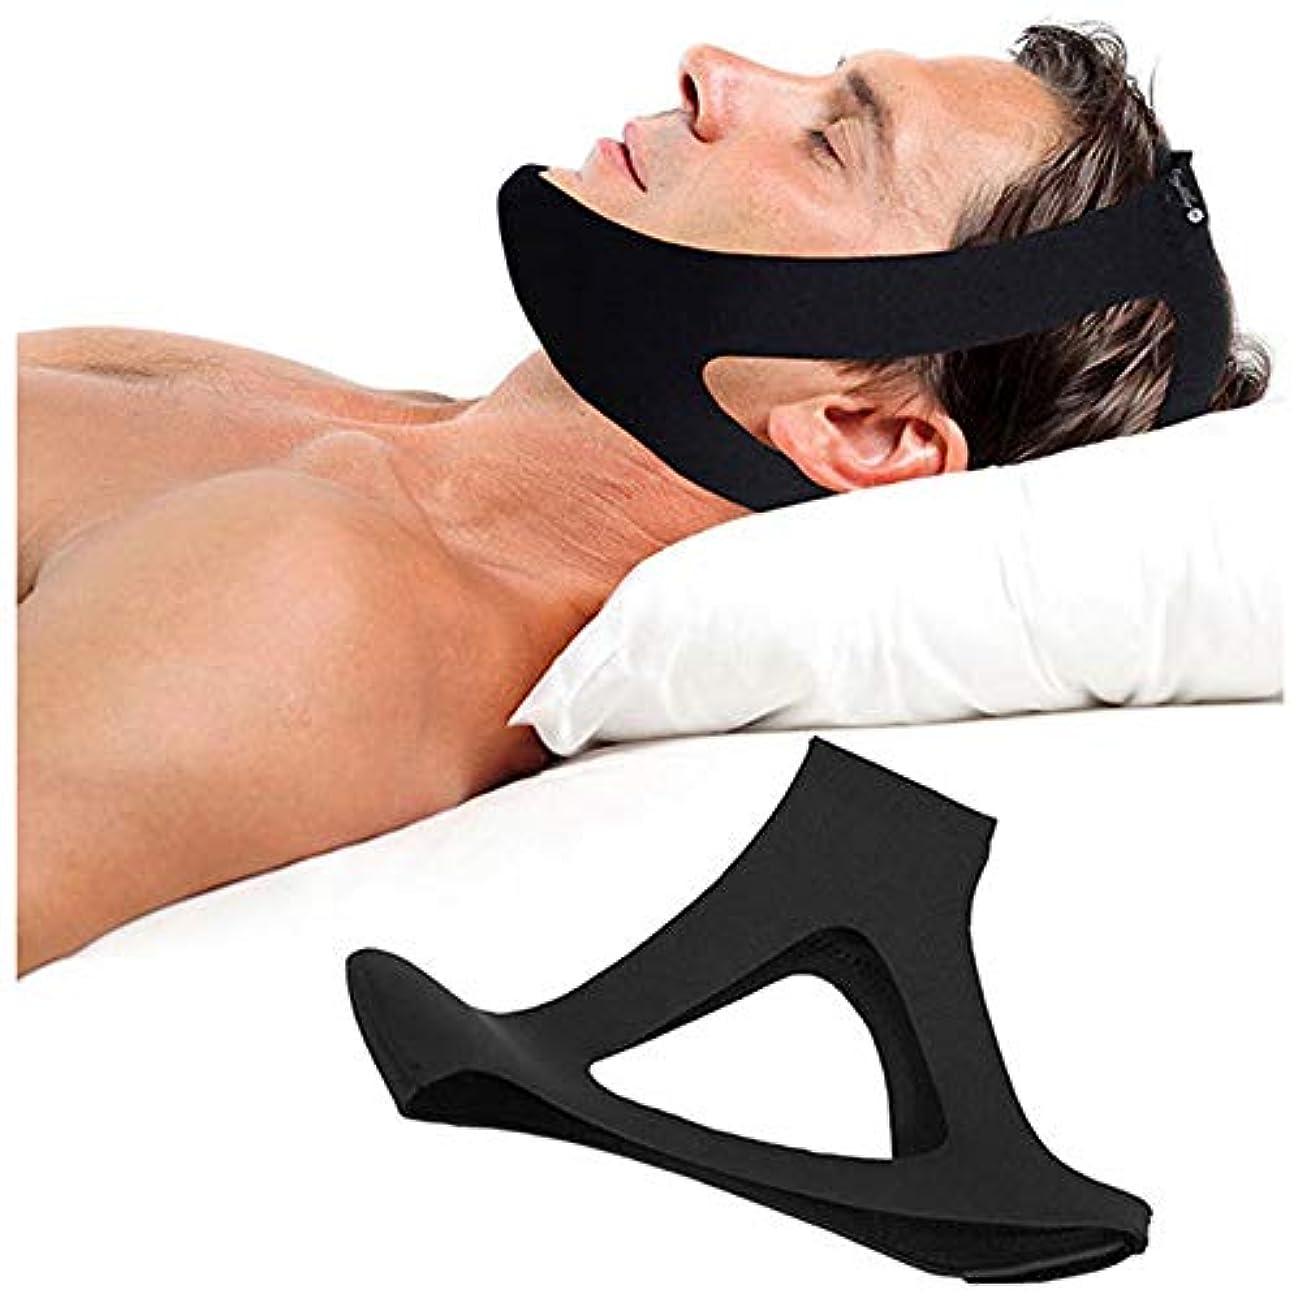 粘り強いスポンサー望まないアンチいびきあごストラップ停止いびきいびきベルト睡眠時無呼吸あごサポートストラップ女性男性ナイト睡眠補助ツールフェイスリフトツール,A